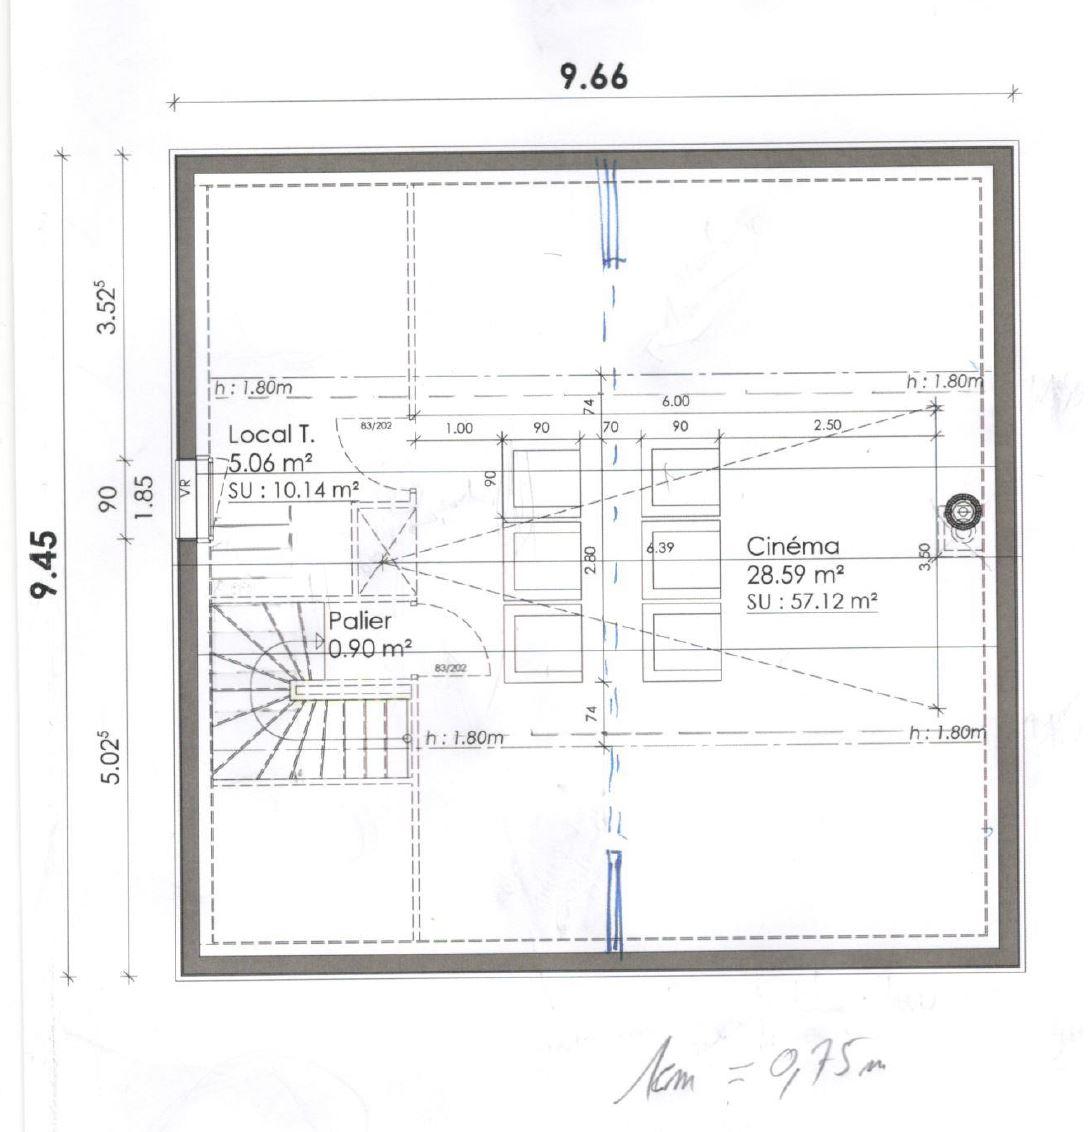 plan salle ciné